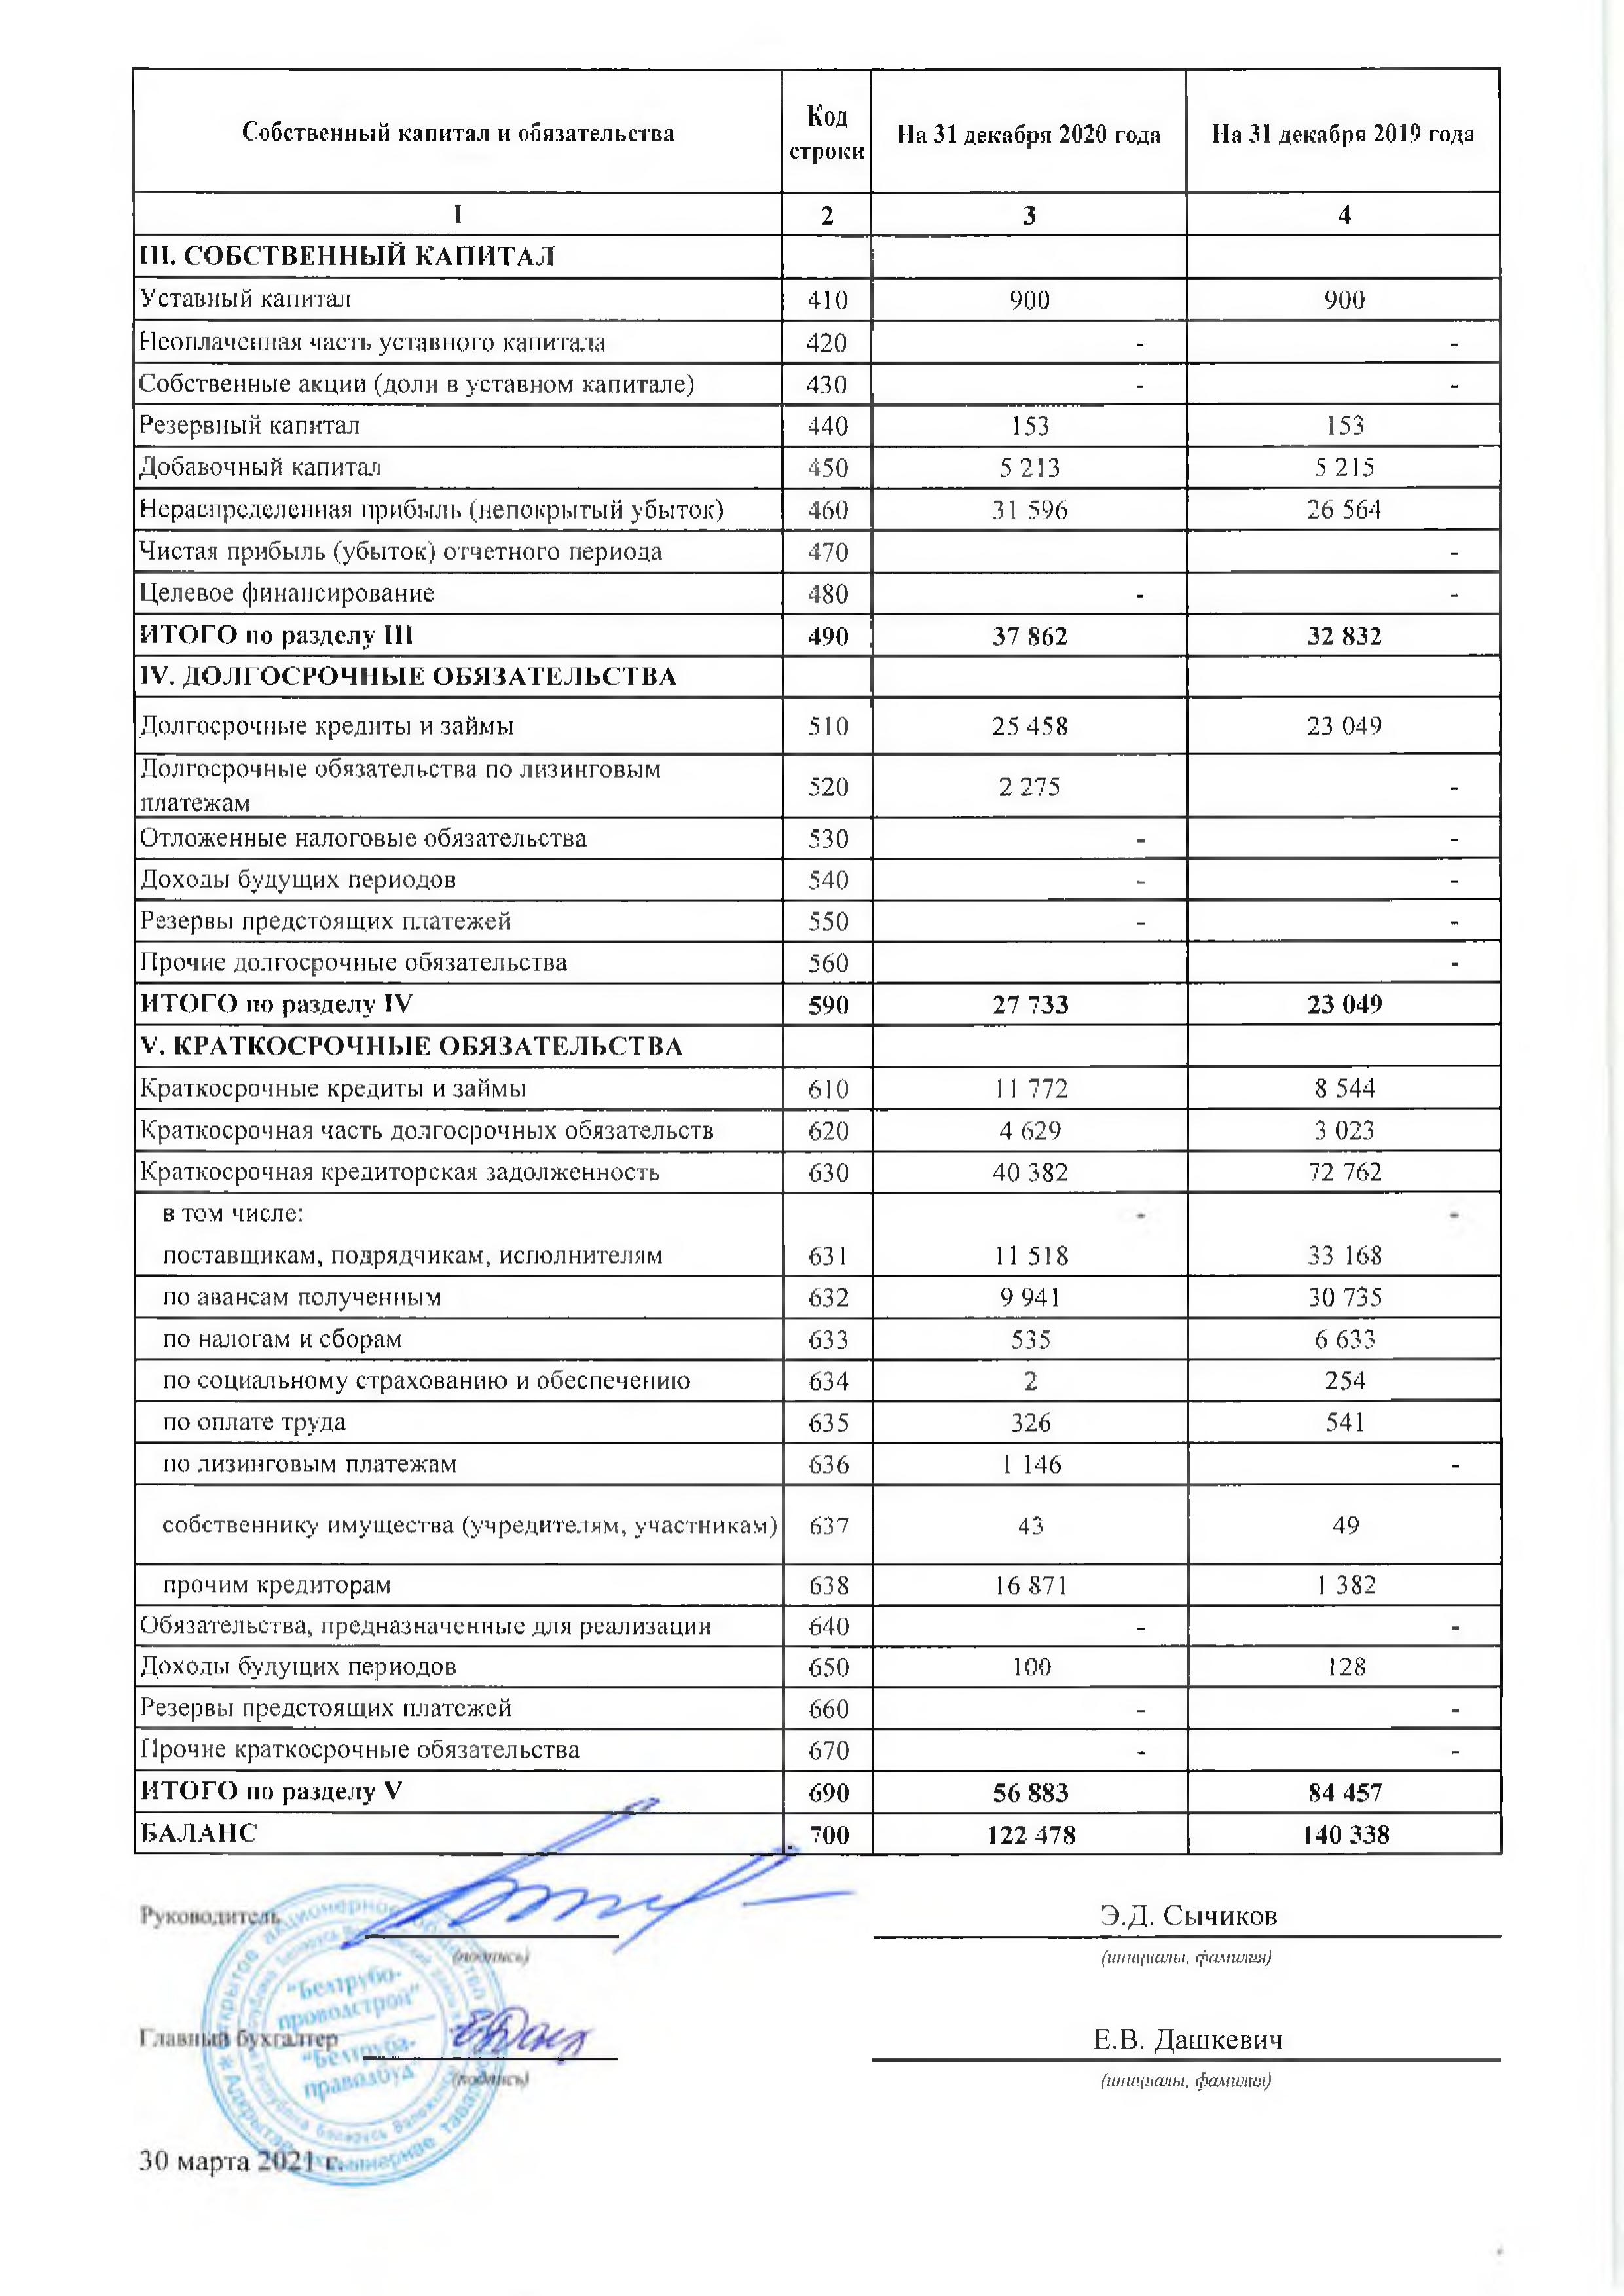 Годовой отчет ОАО Белтрубопроводстрой за 2021_02